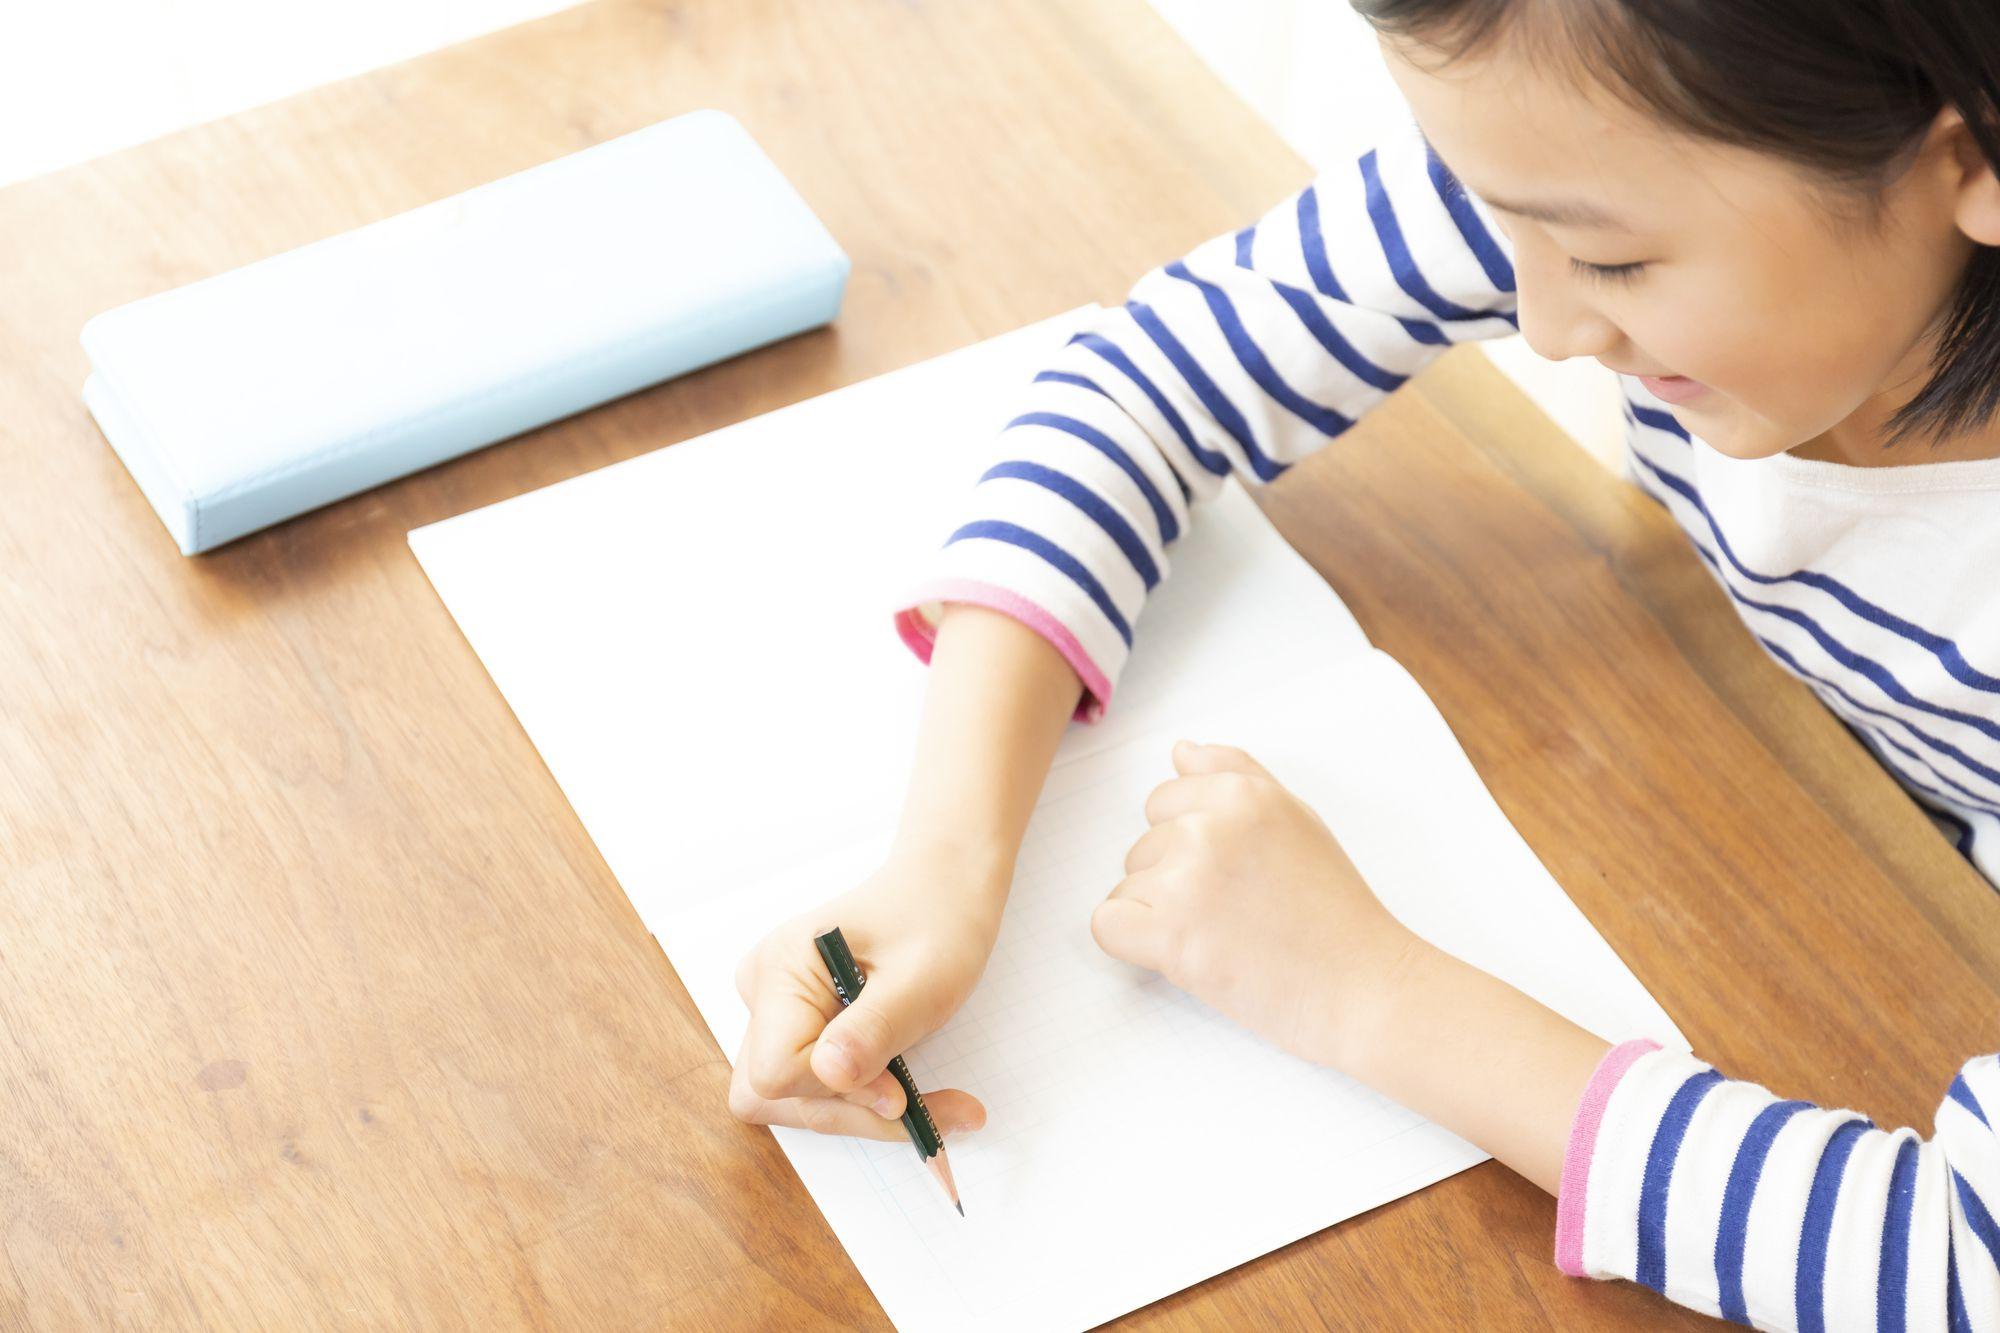 小学校受験の塾は合格率で決める?